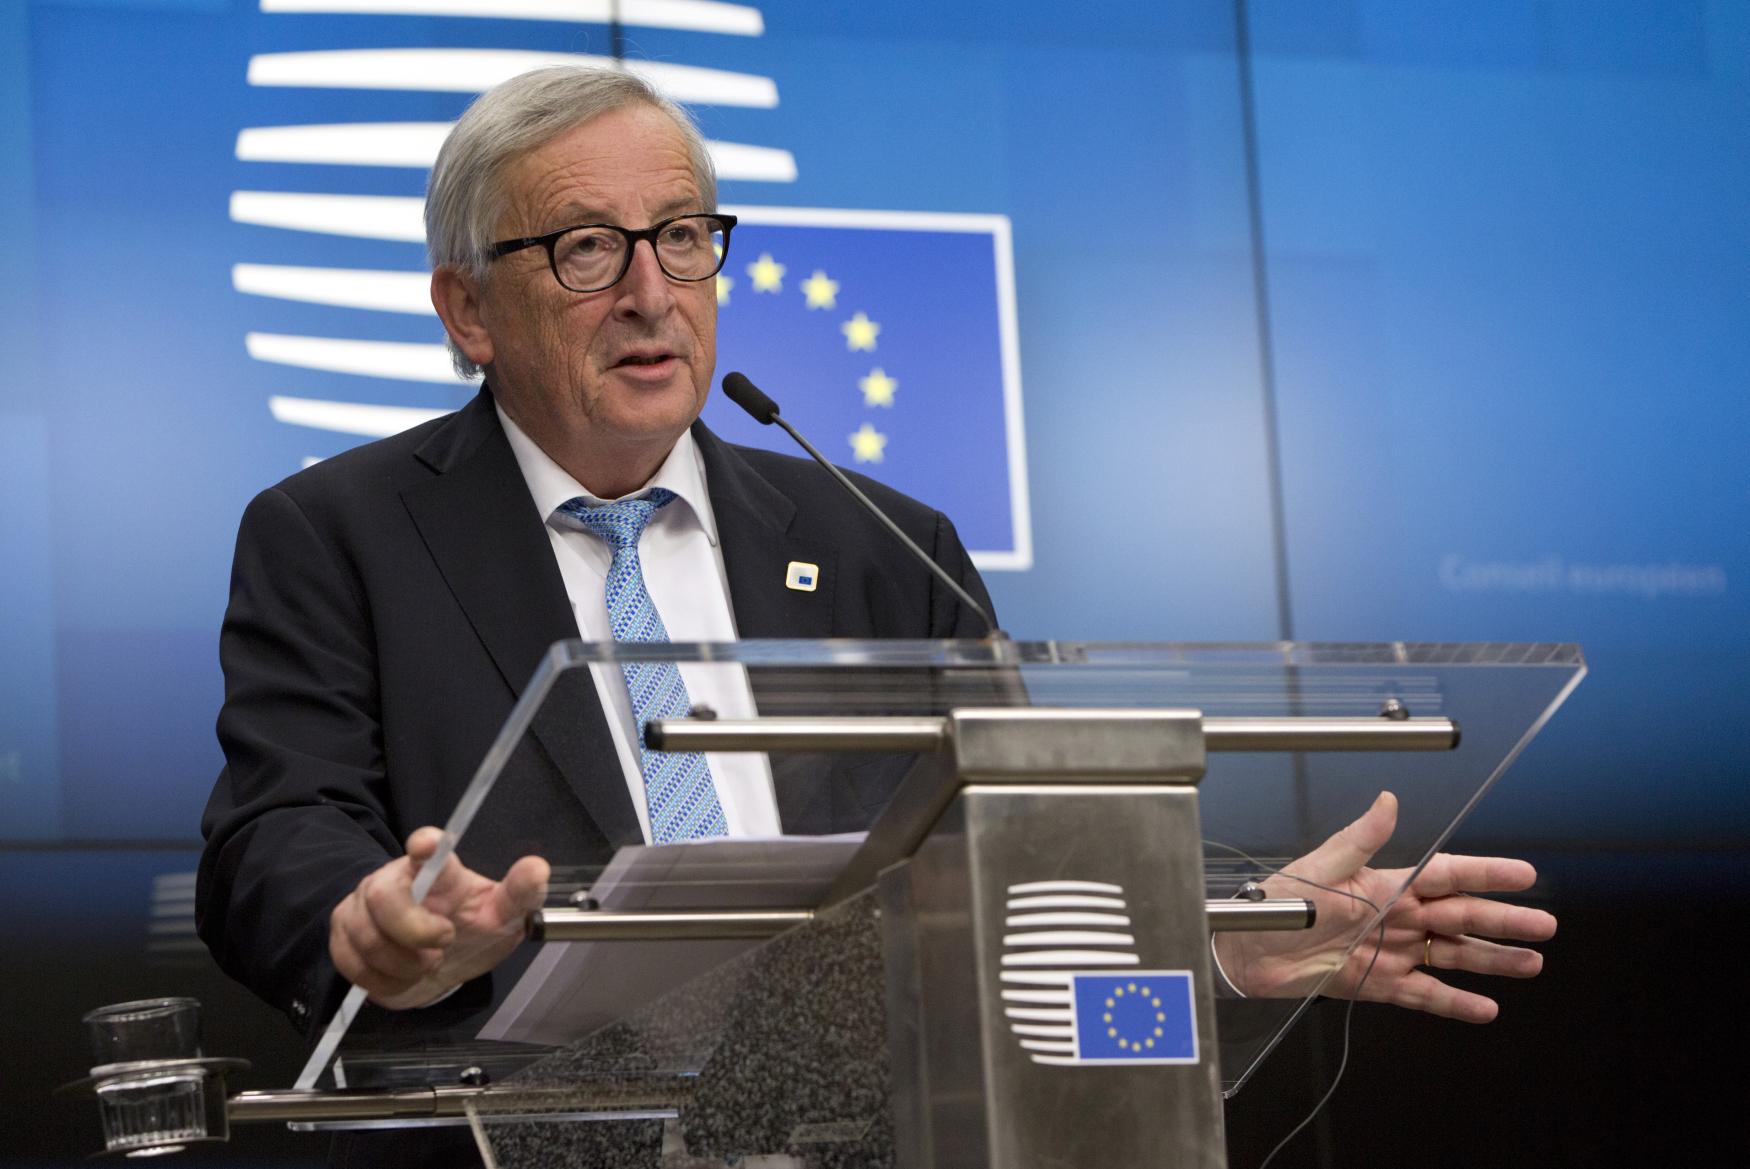 Předseda Evroposké komise Jean-Claude Juncker